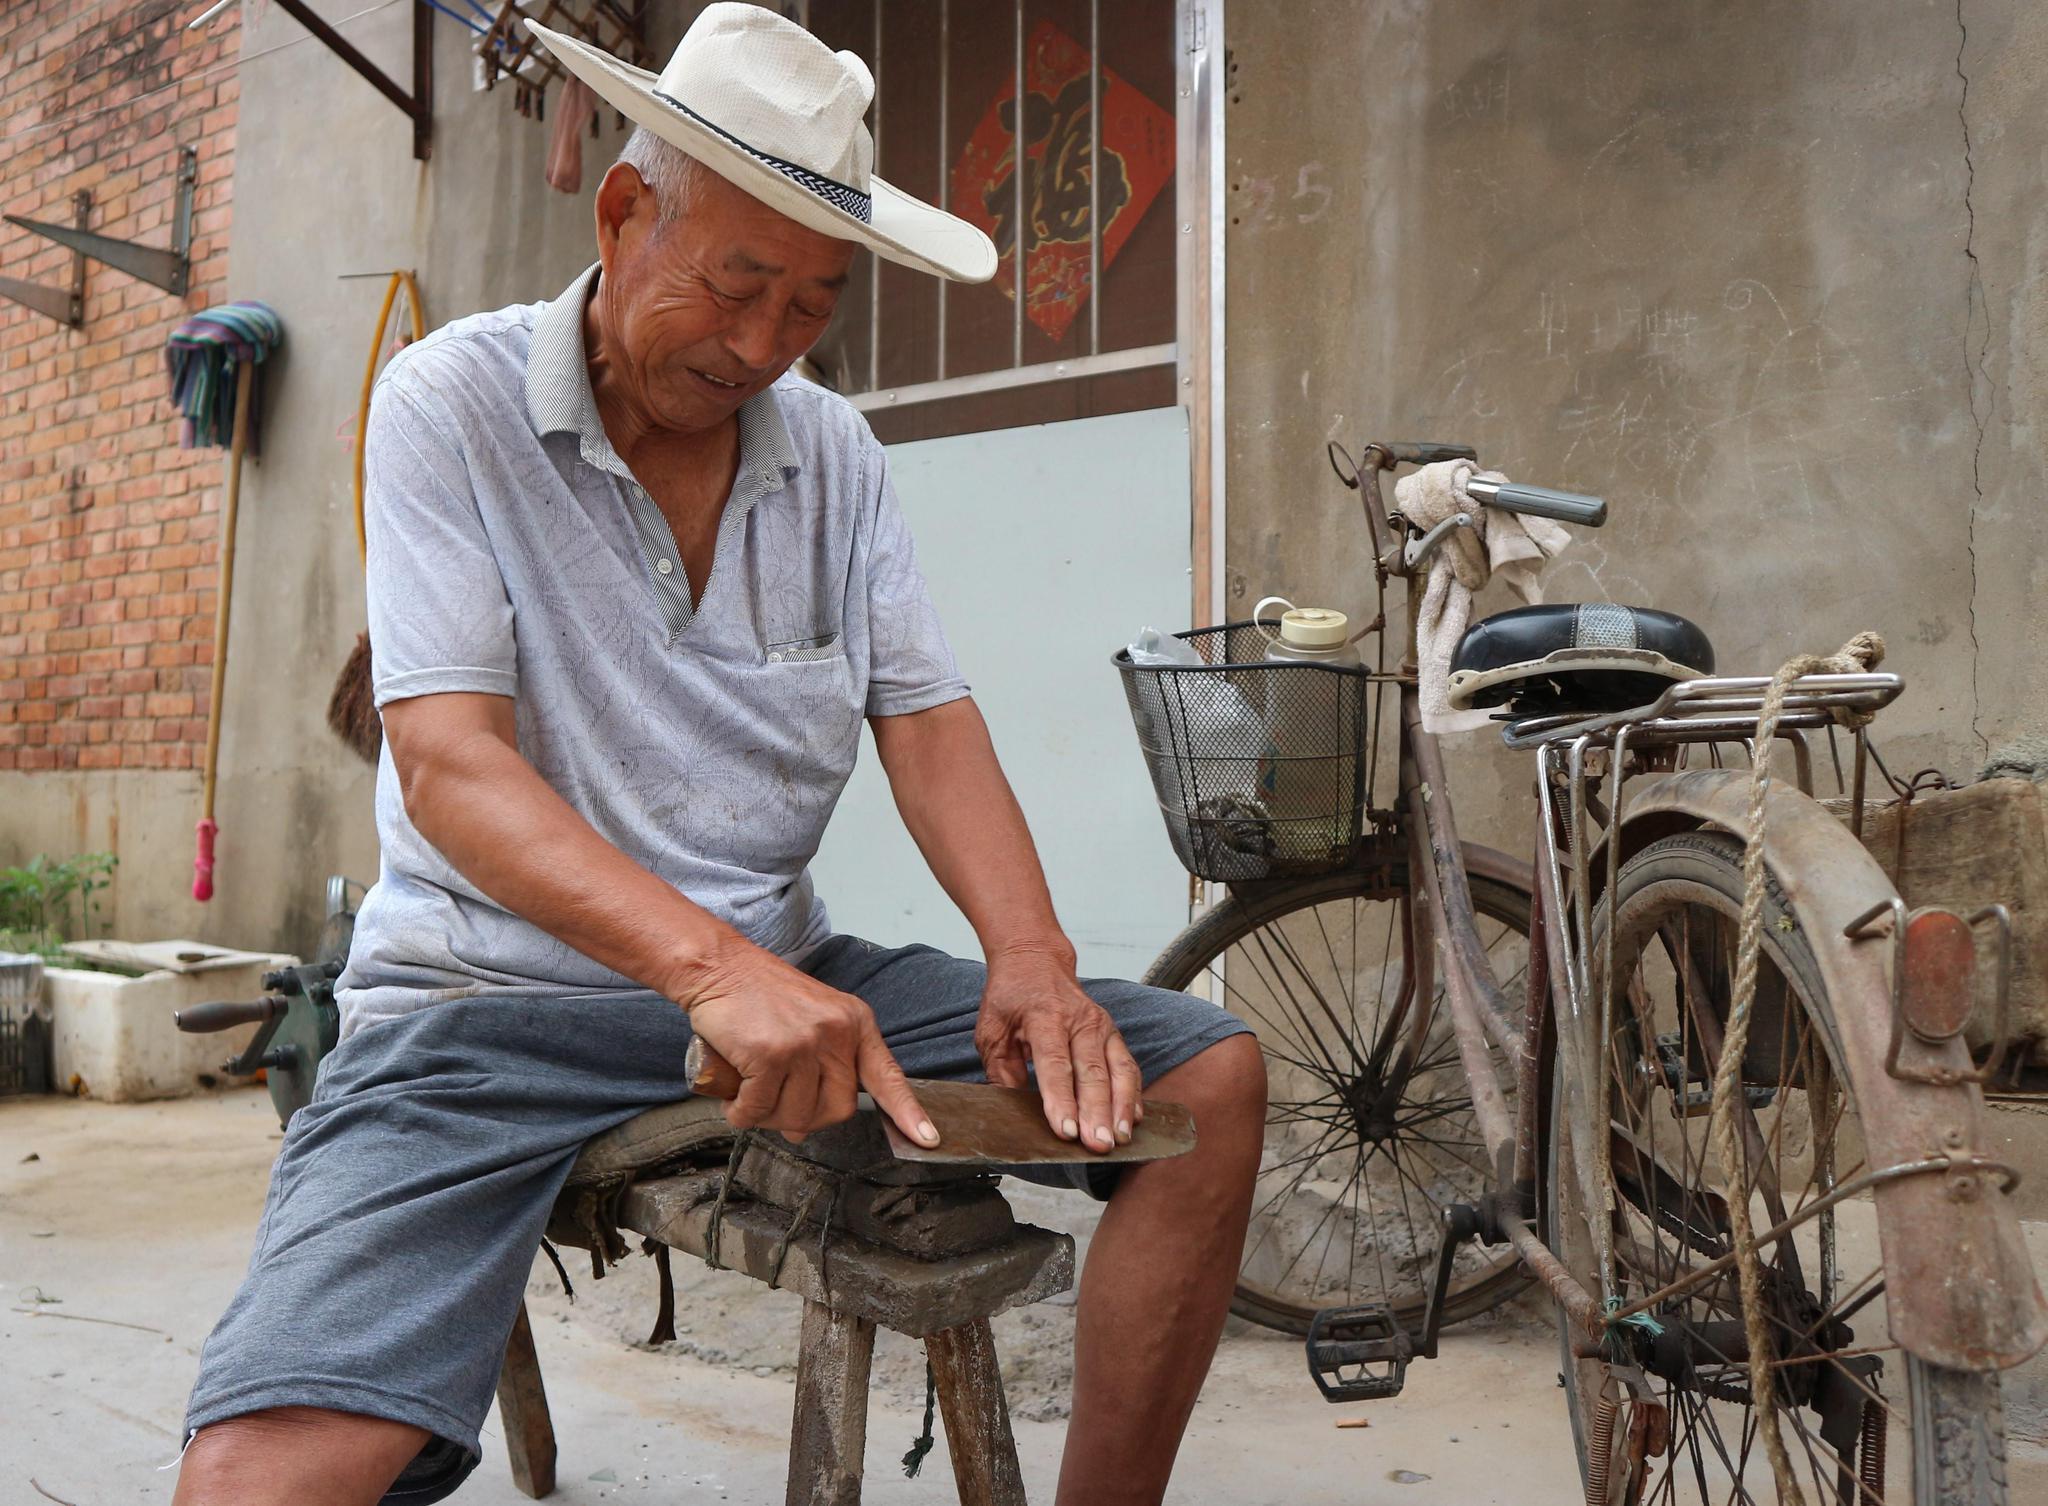 延迟退休将出台,农村养老保险缴费将延长?农民养老金将会提高 第3张